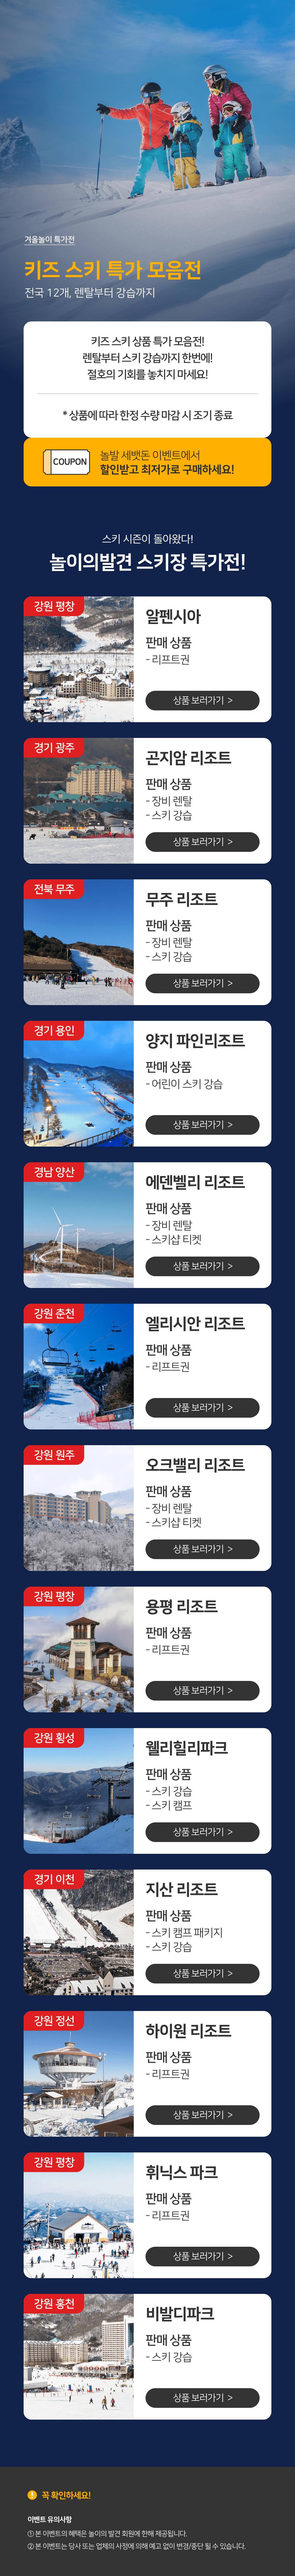 1월 스키장 특가 모음전